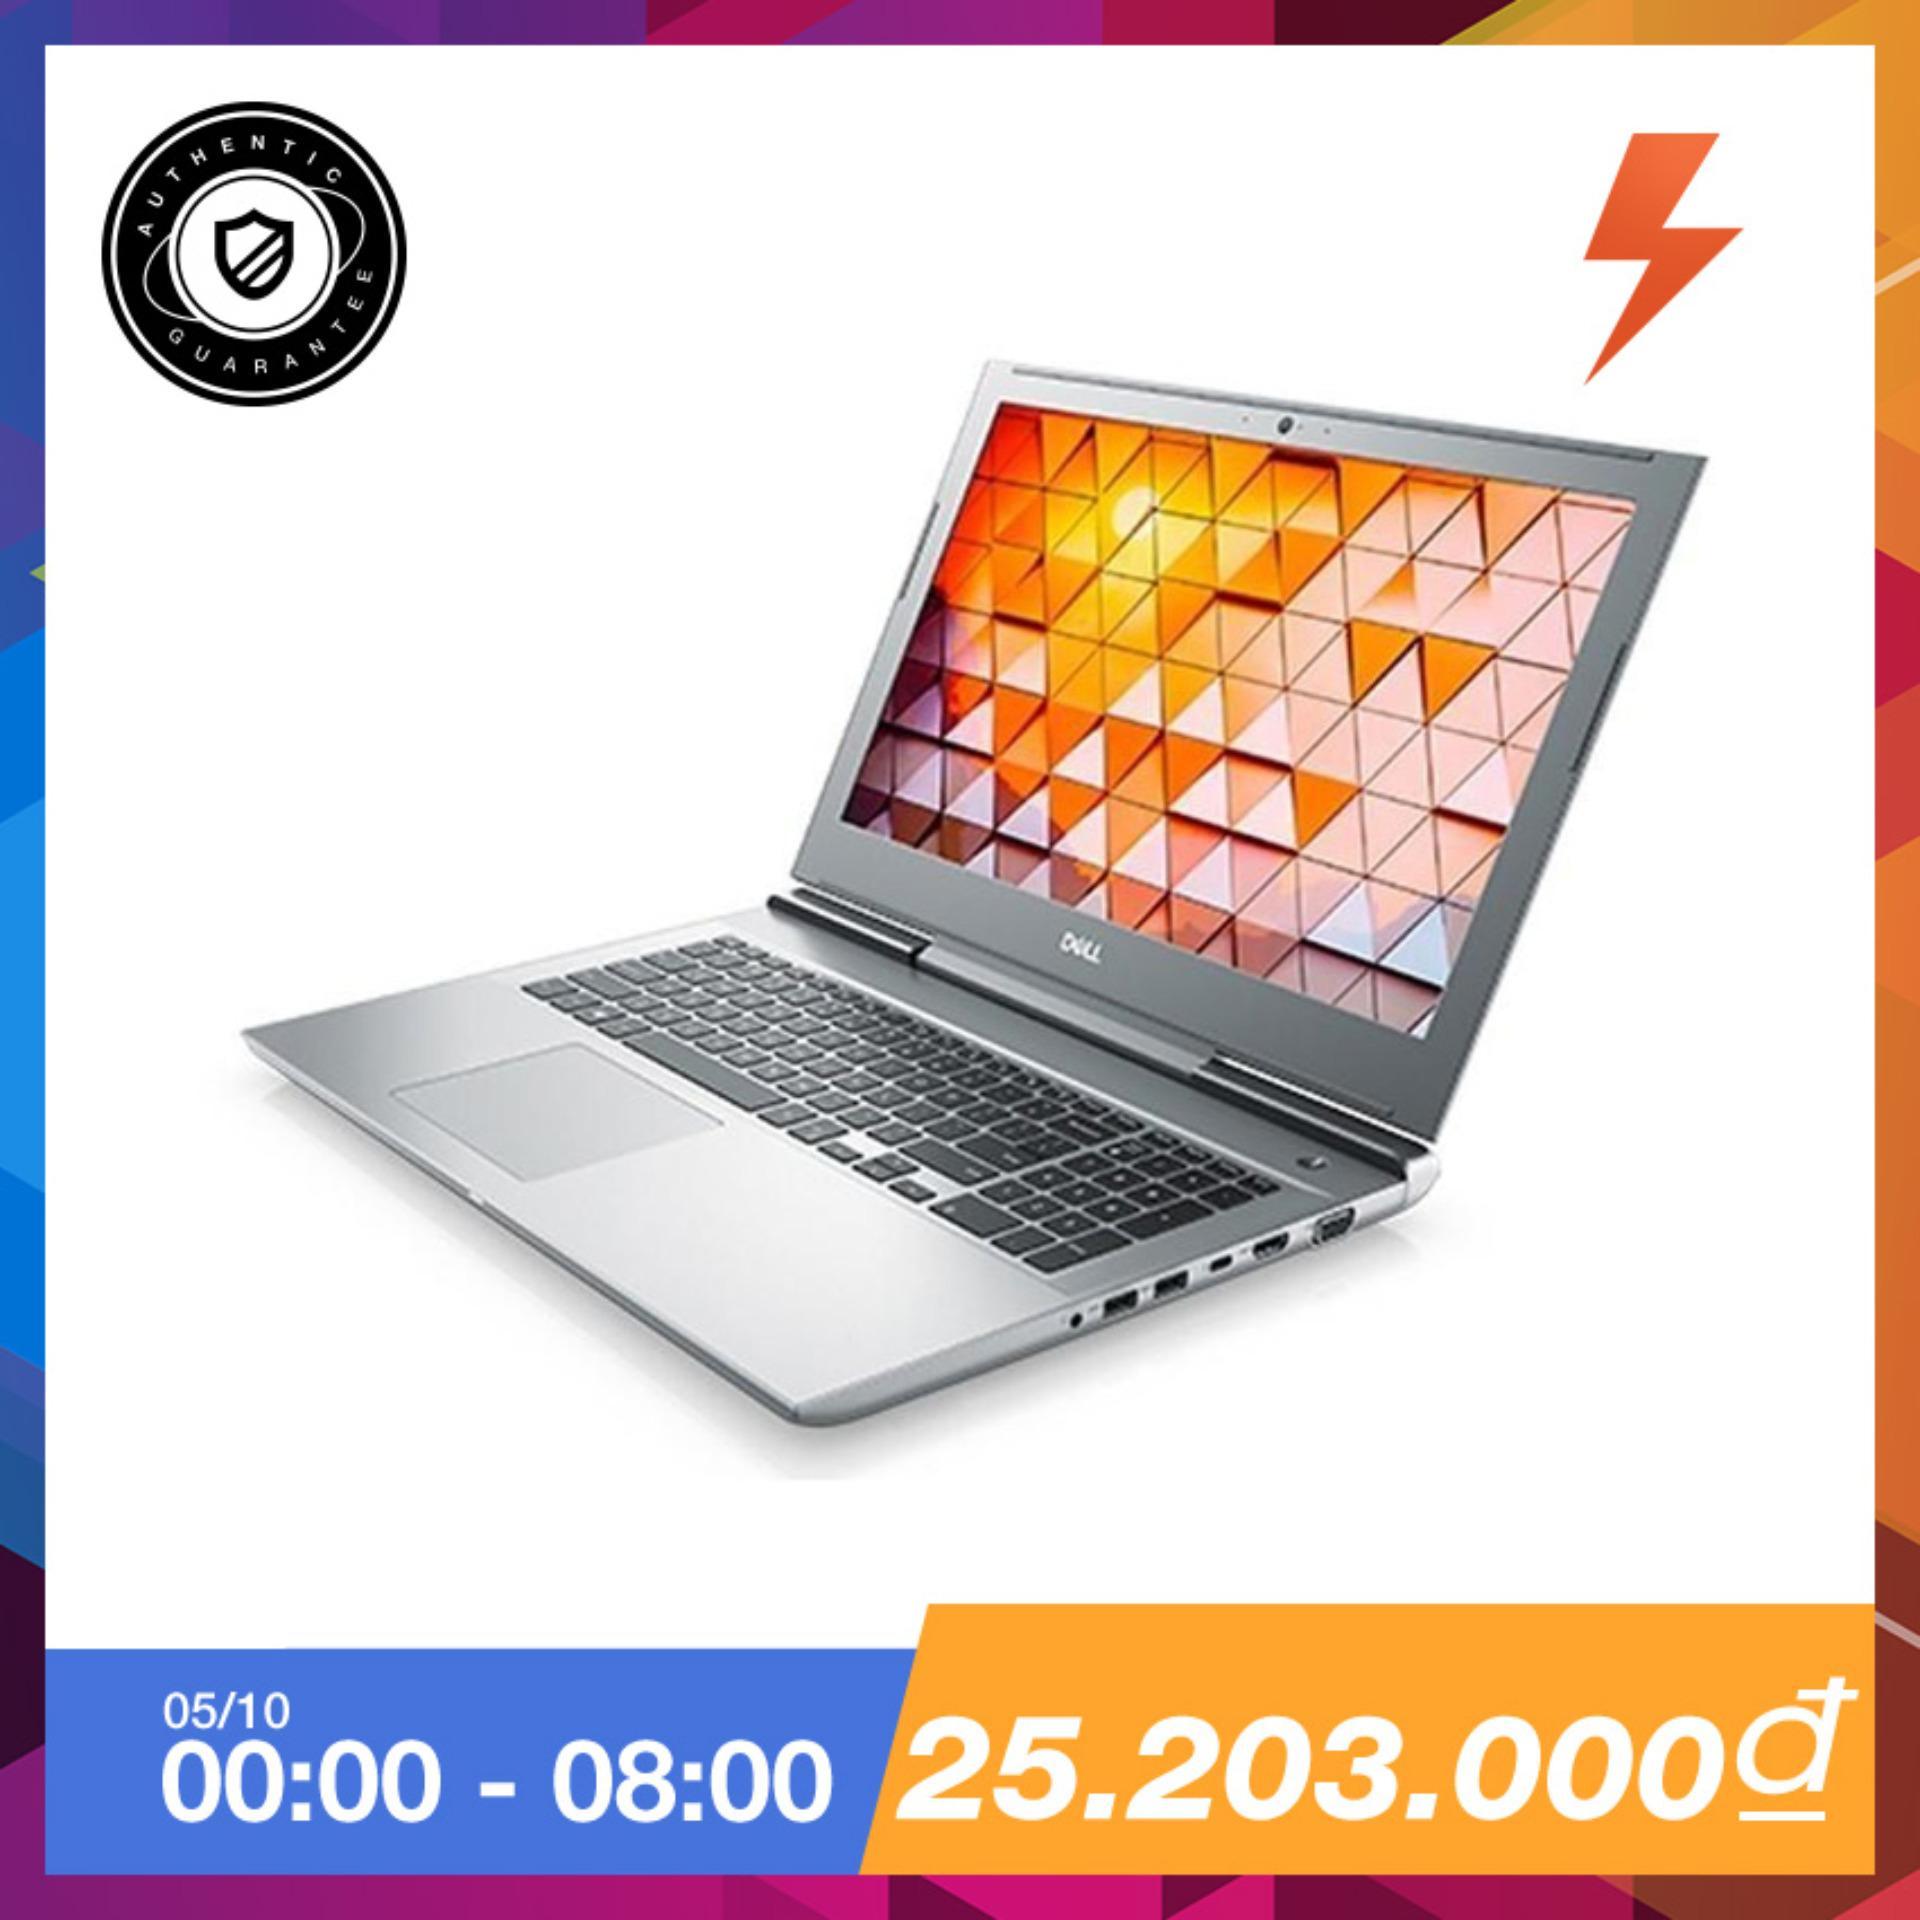 Laptop DELL Vostro 7570 70138566 Core i7-7700HQ Ram 8GB 1TB 15.6